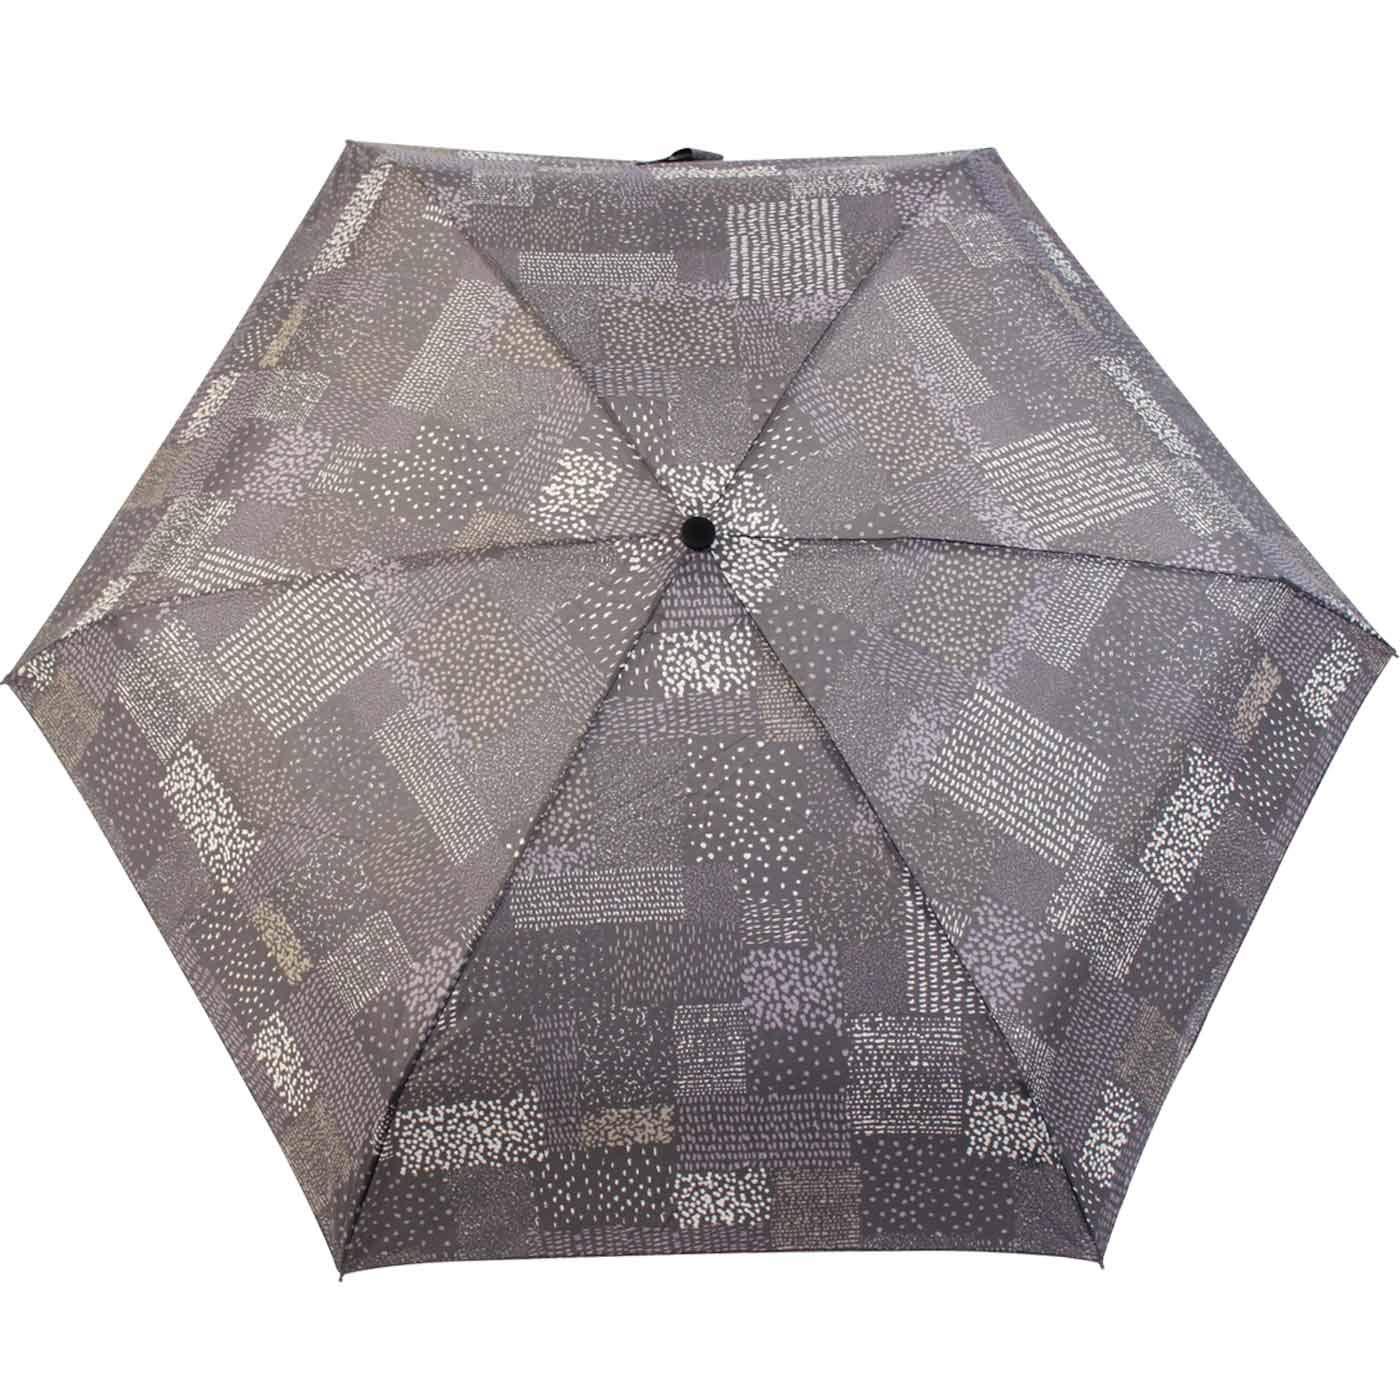 Pierre Cardin Parapluie pliants Femme Marron Allover 99 cm